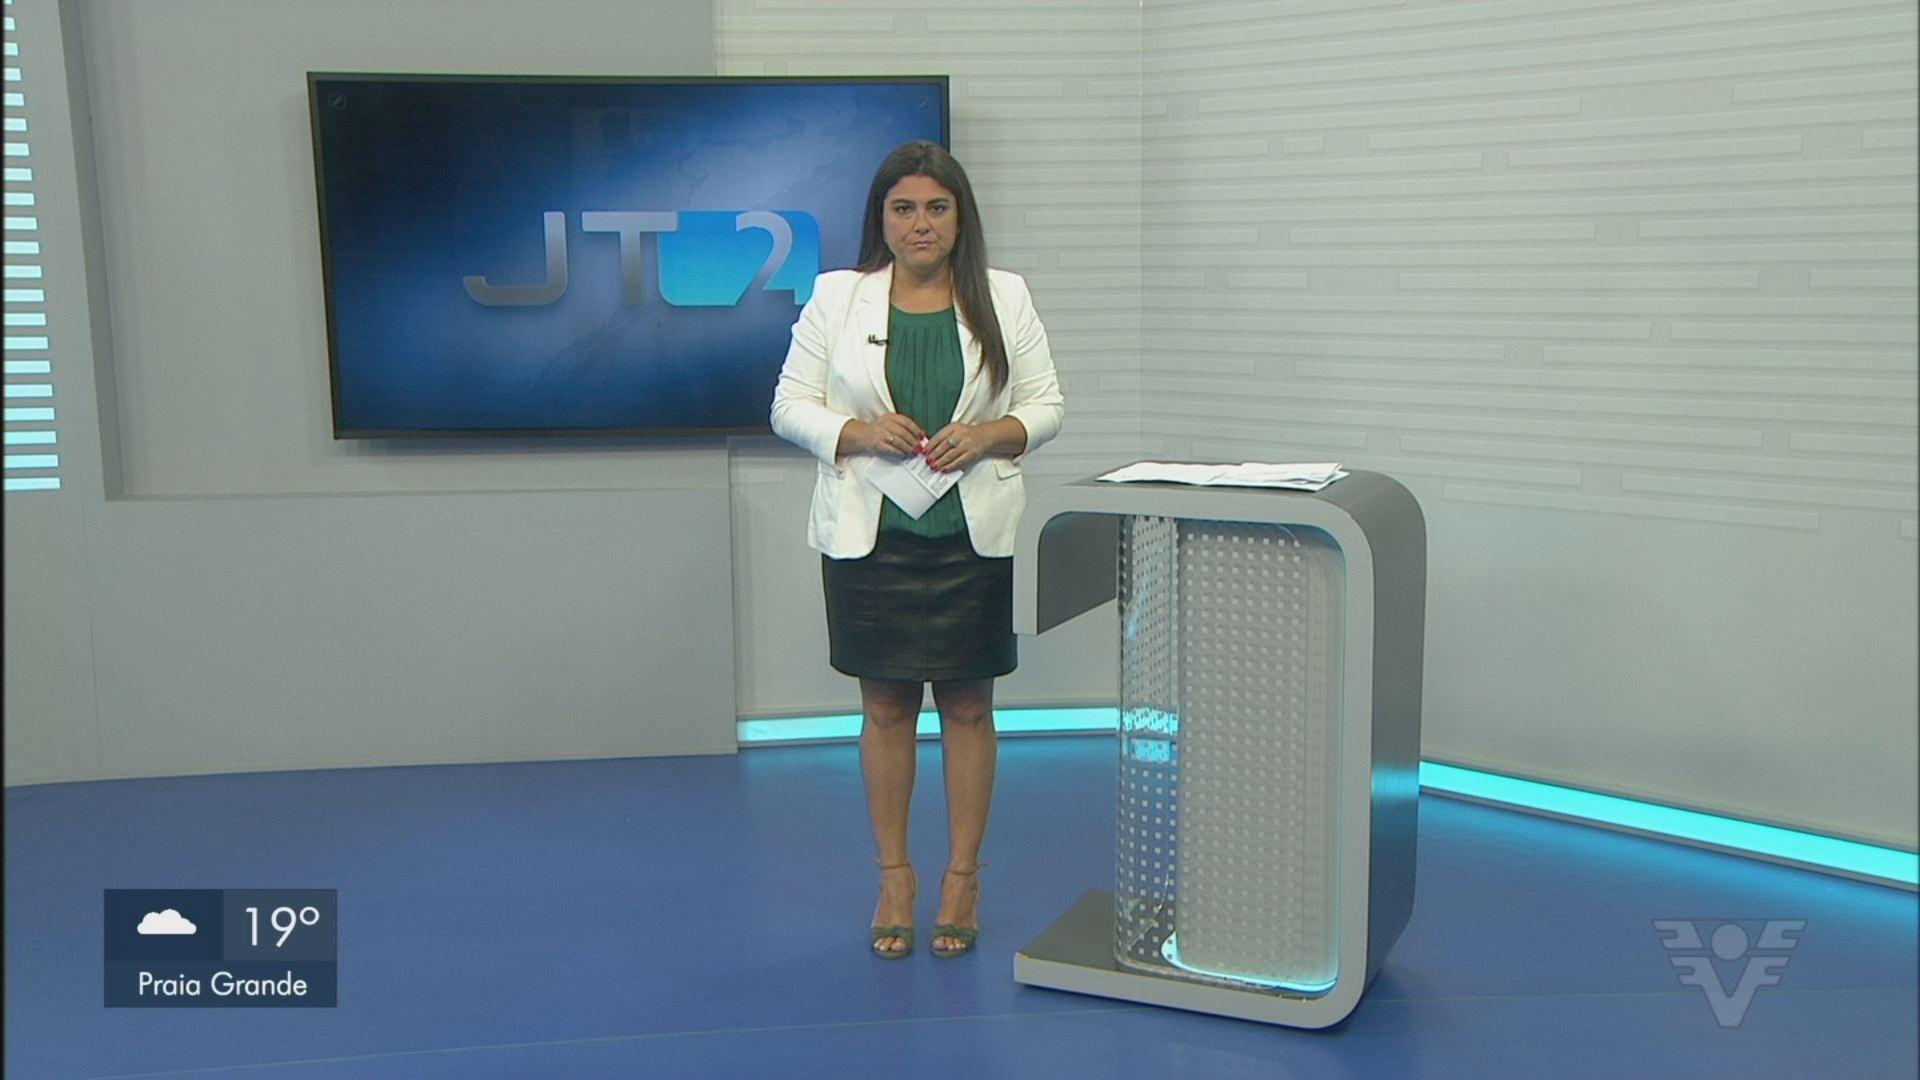 VÍDEOS: Jornal da Tribuna 2ª Edição de sábado, 31 de outubro